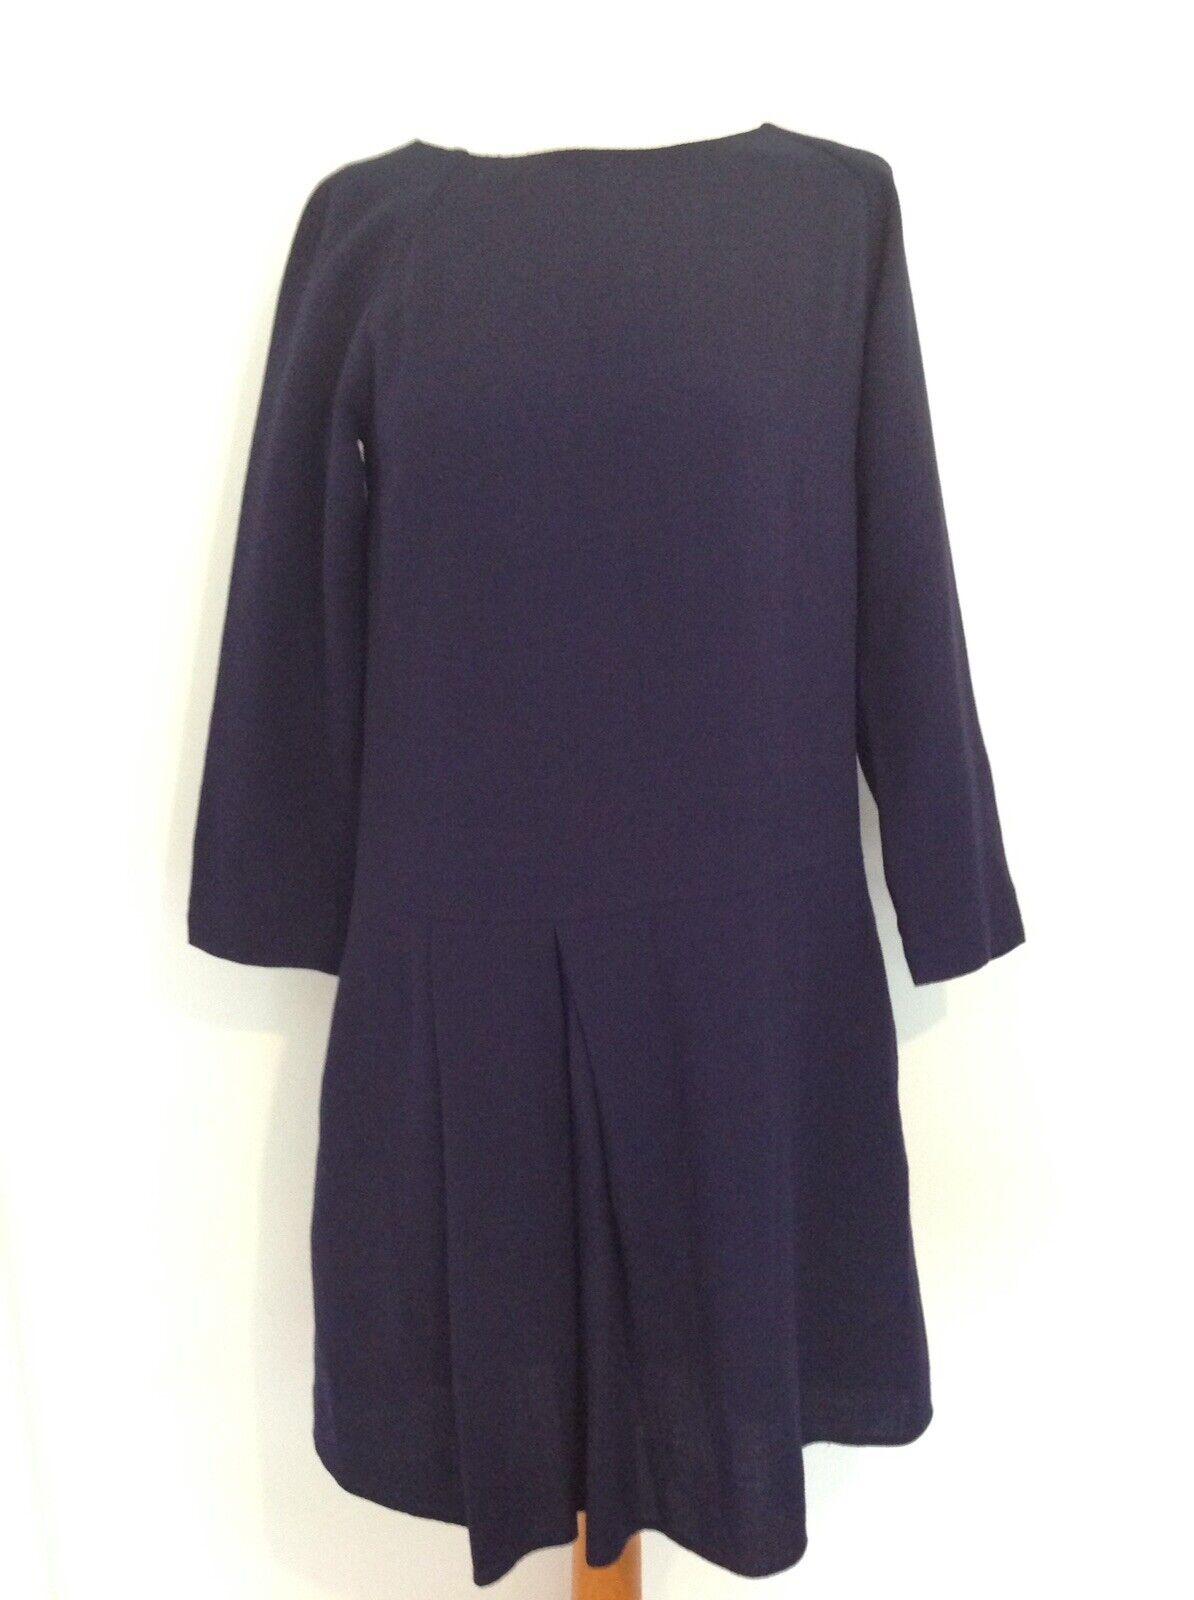 TOAST damen LADIES WOOL BLEND DRESS Größe 10